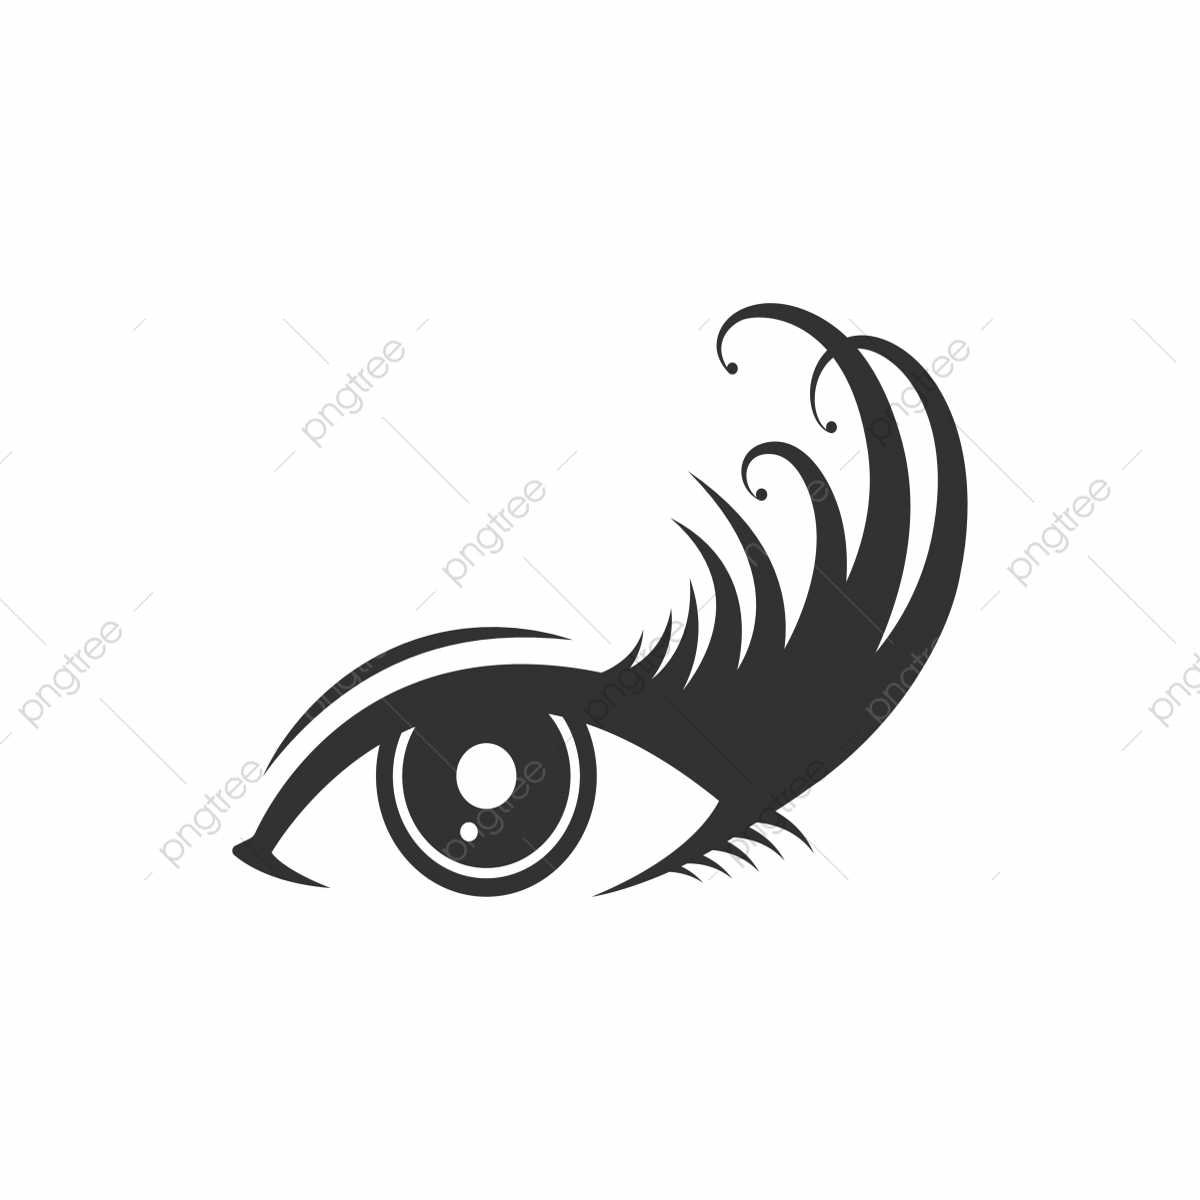 les cils logo ic u00f4ne mod u00e8le r u00e9sum u00e9 art contexte png et vecteur pour t u00e9l u00e9chargement gratuit